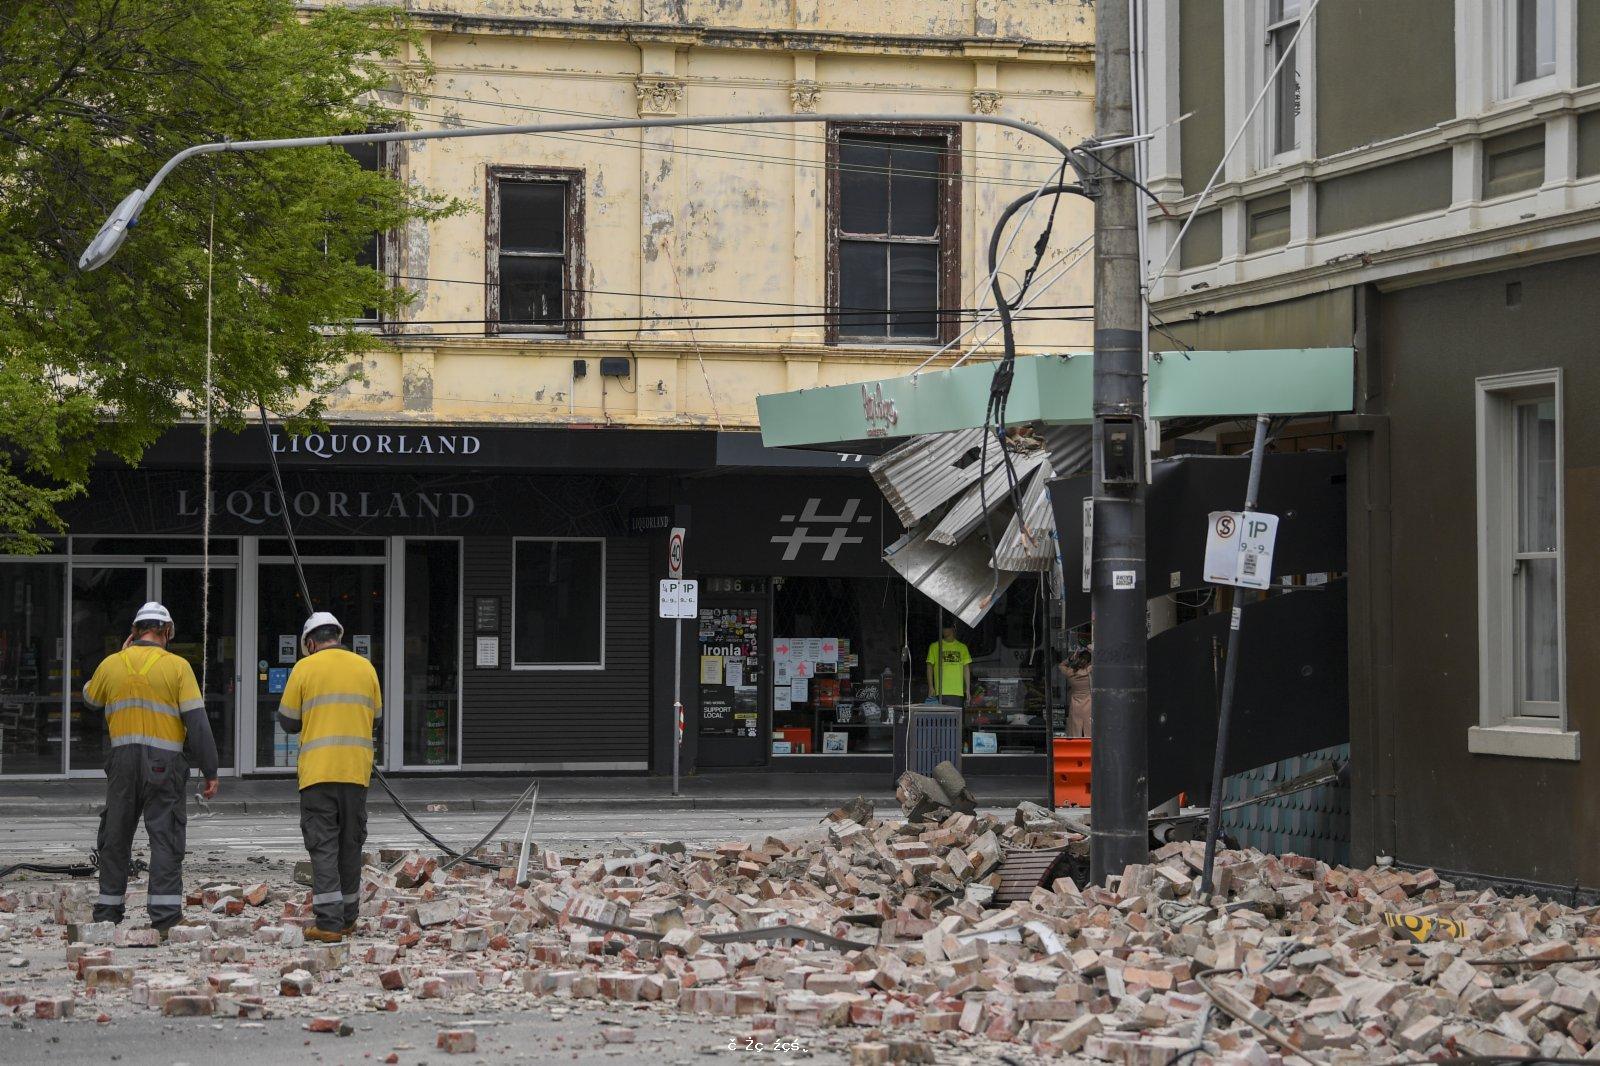 澳洲發生5.8級地震 駐墨爾本總領館提醒中國公民防範